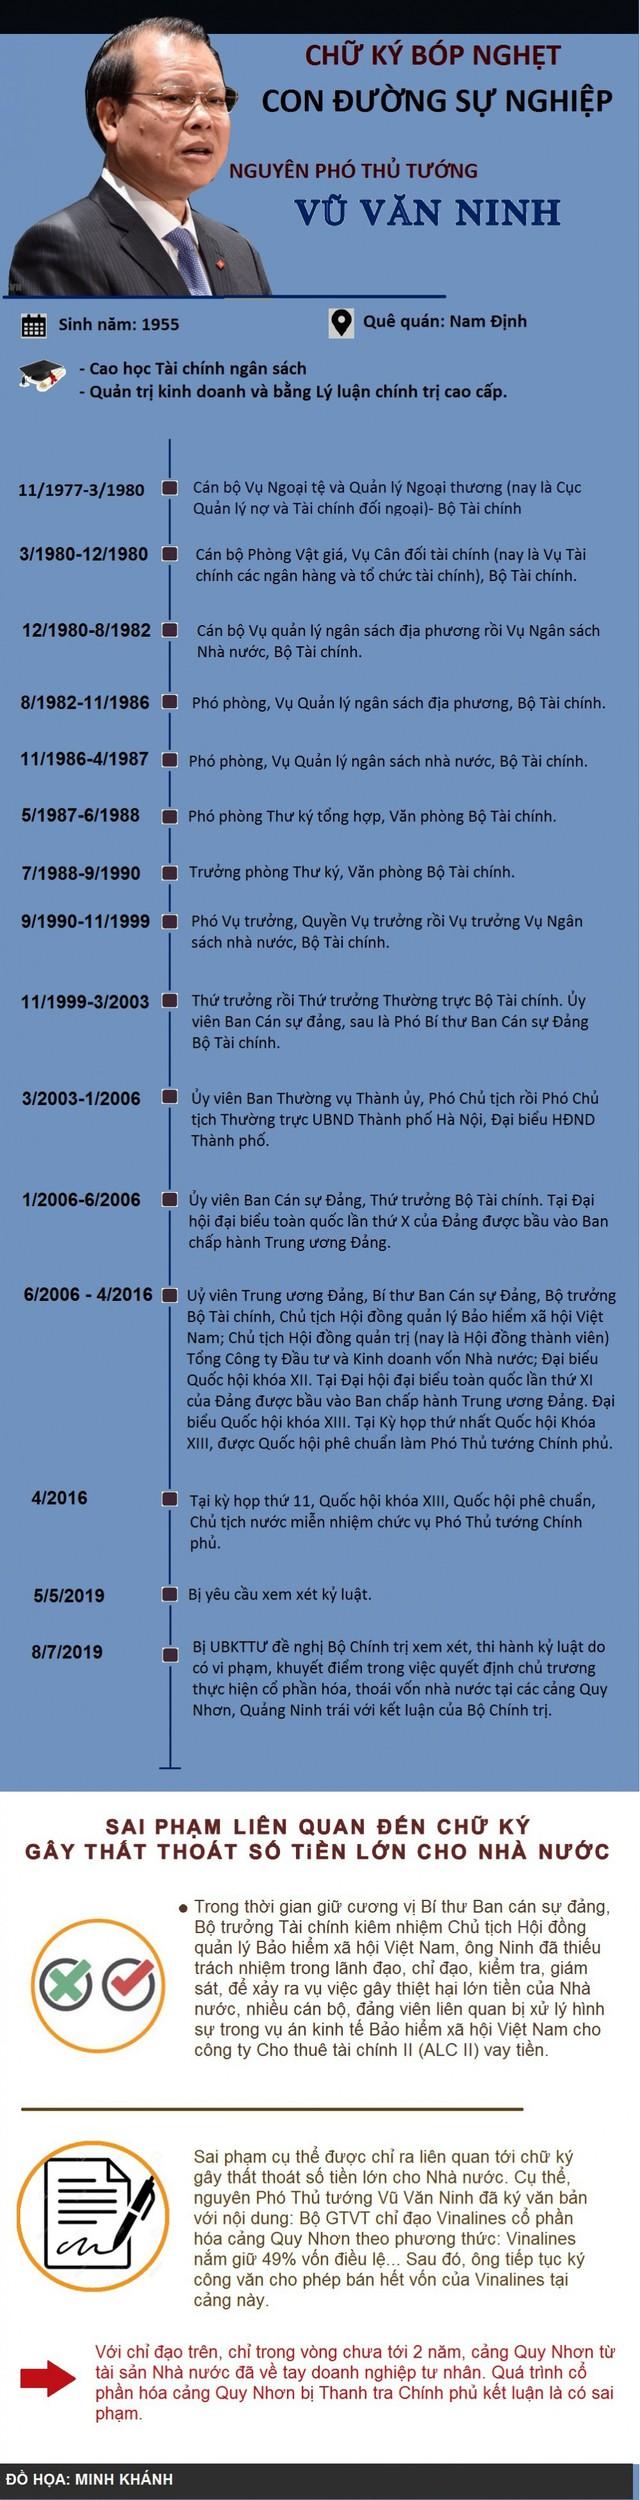 Infographic: Hàng loạt sai phạm nghiêm trọng của nguyên Phó Thủ tướng Vũ Văn Ninh - Ảnh 1.